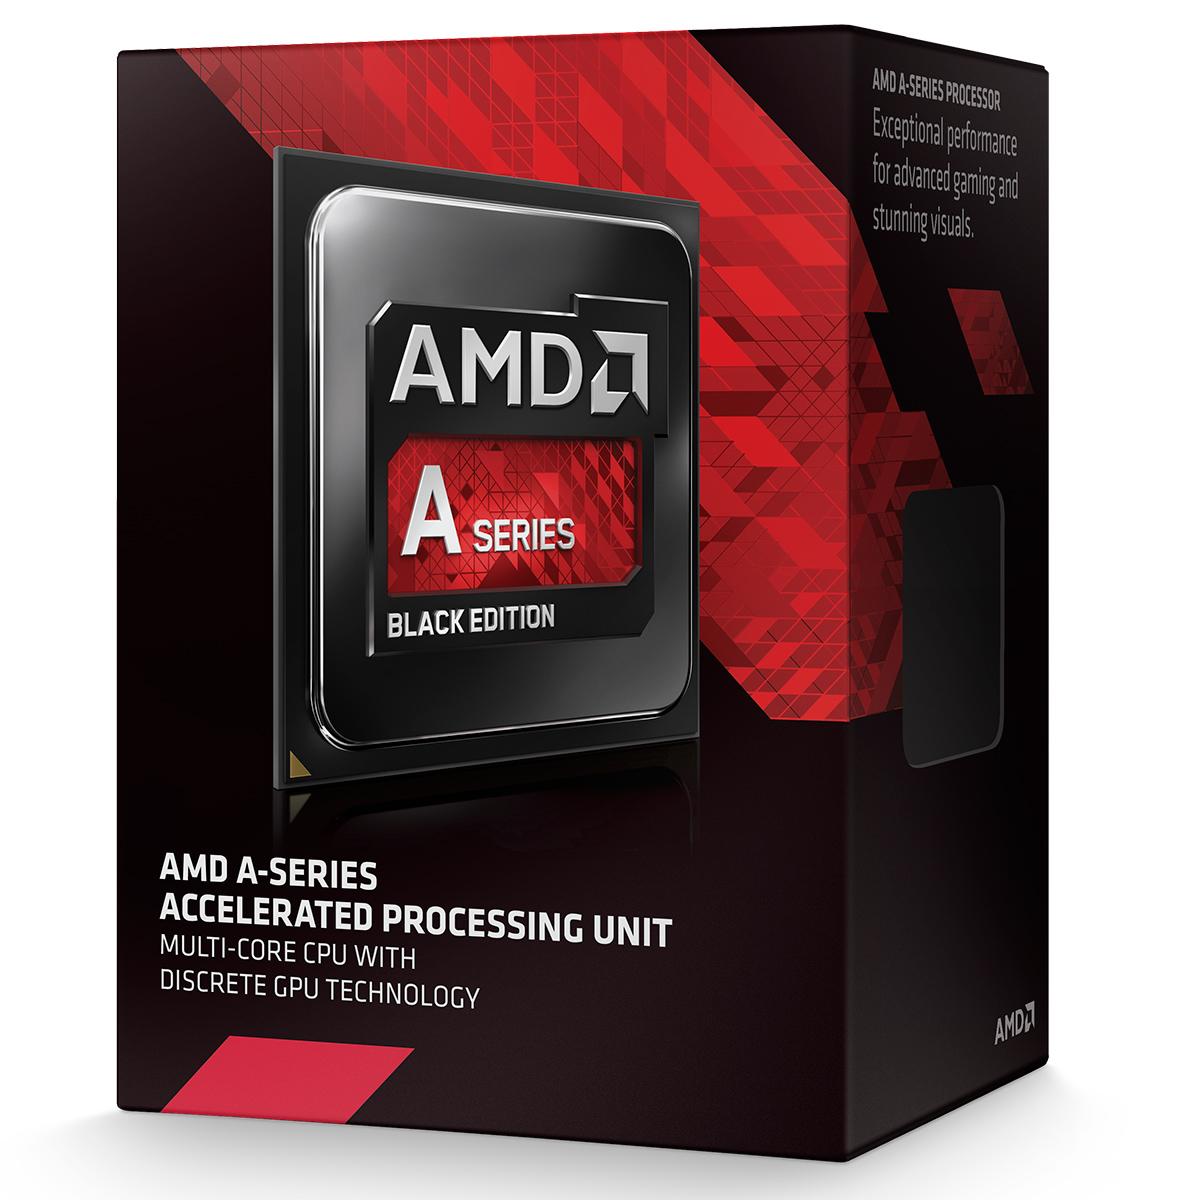 Processeur AMD A10-7860K (3.6 GHz) Black Low Noise Edition Processeur Quad Core socket FM2+ Cache L2 4 Mo Radeon R7 0.028 micron+ ventilateur silencieux (version boîte - garantie constructeur 3 ans)